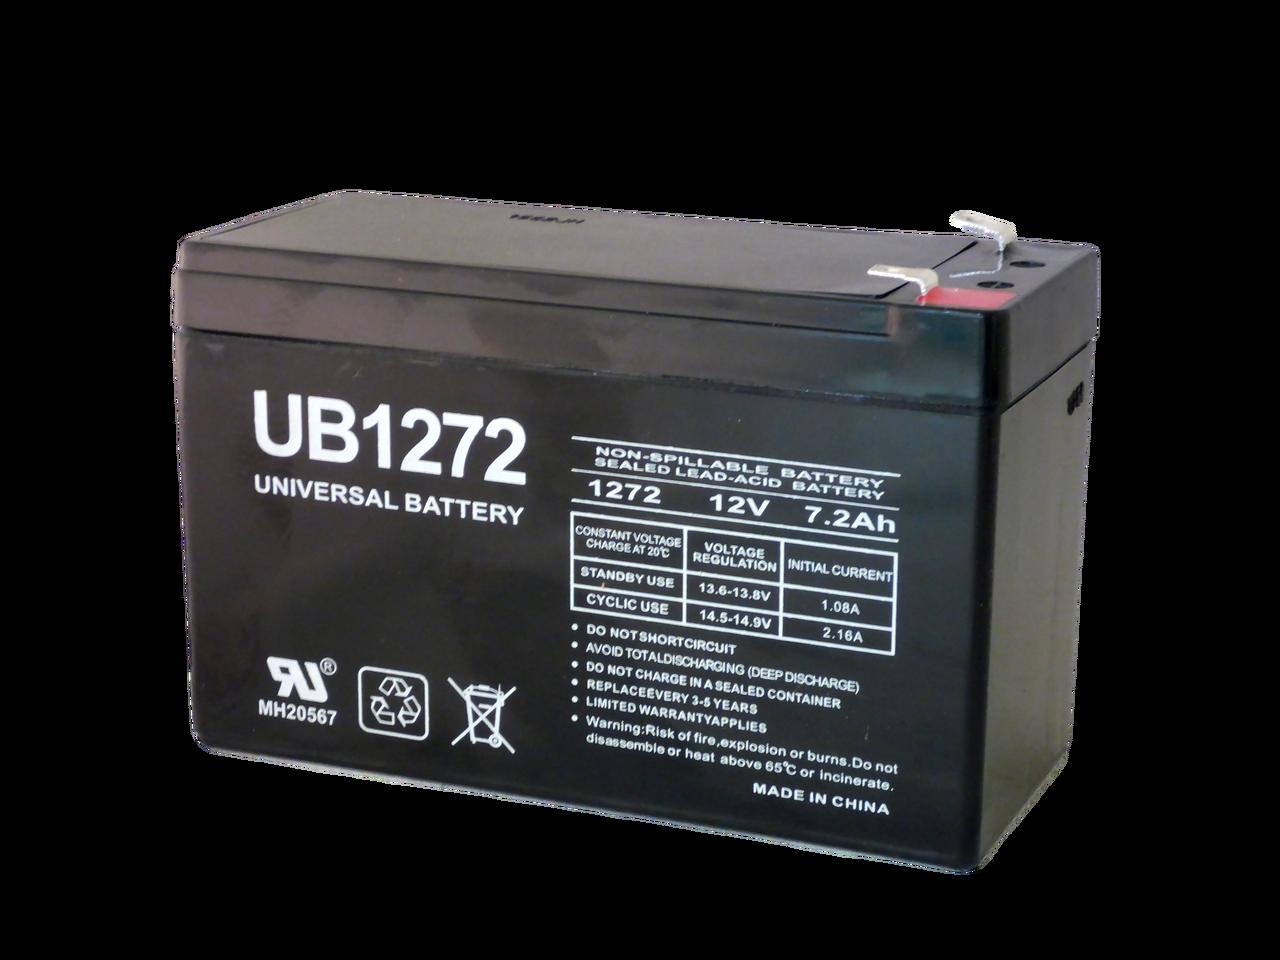 universal battery ub1272. Black Bedroom Furniture Sets. Home Design Ideas